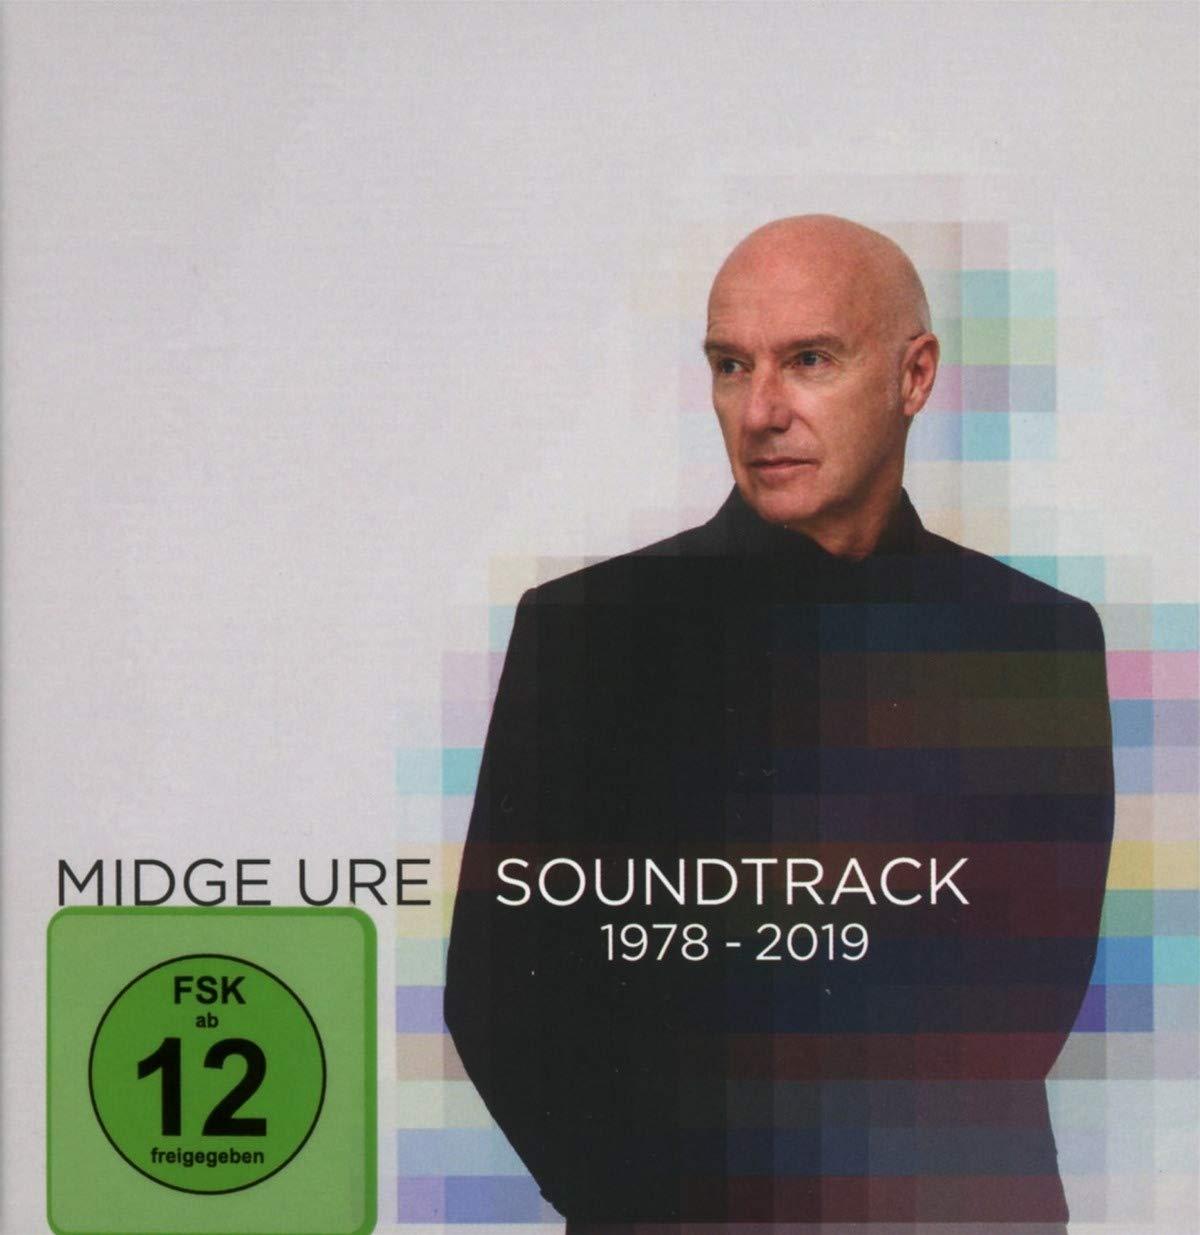 CD : Midge Ure - Soundtrack: 1978-2019 (3 Discos) (18-10-201